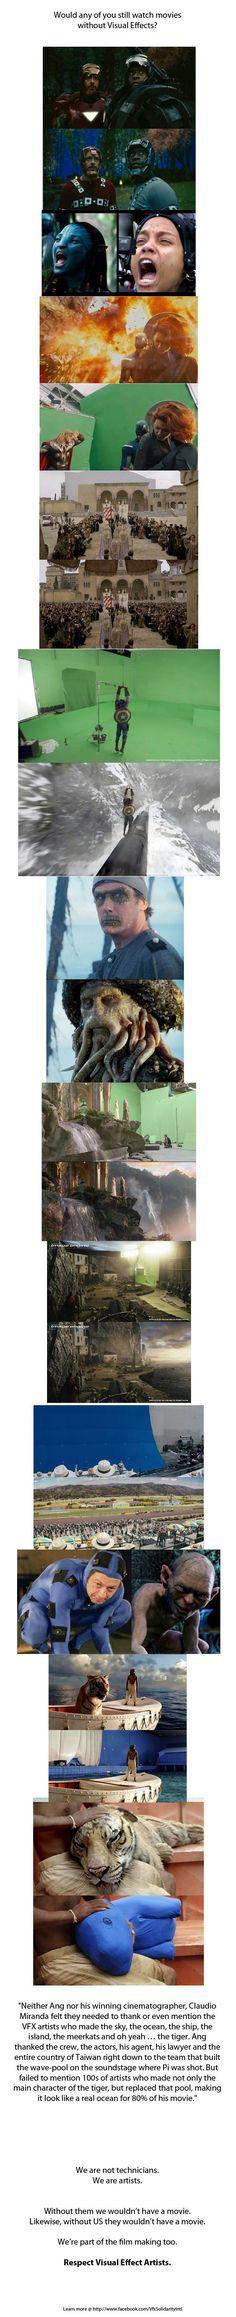 Guarda come sarebbero i #film senza effetti speciali - #VFXSolidarityIntl on Facebbok -